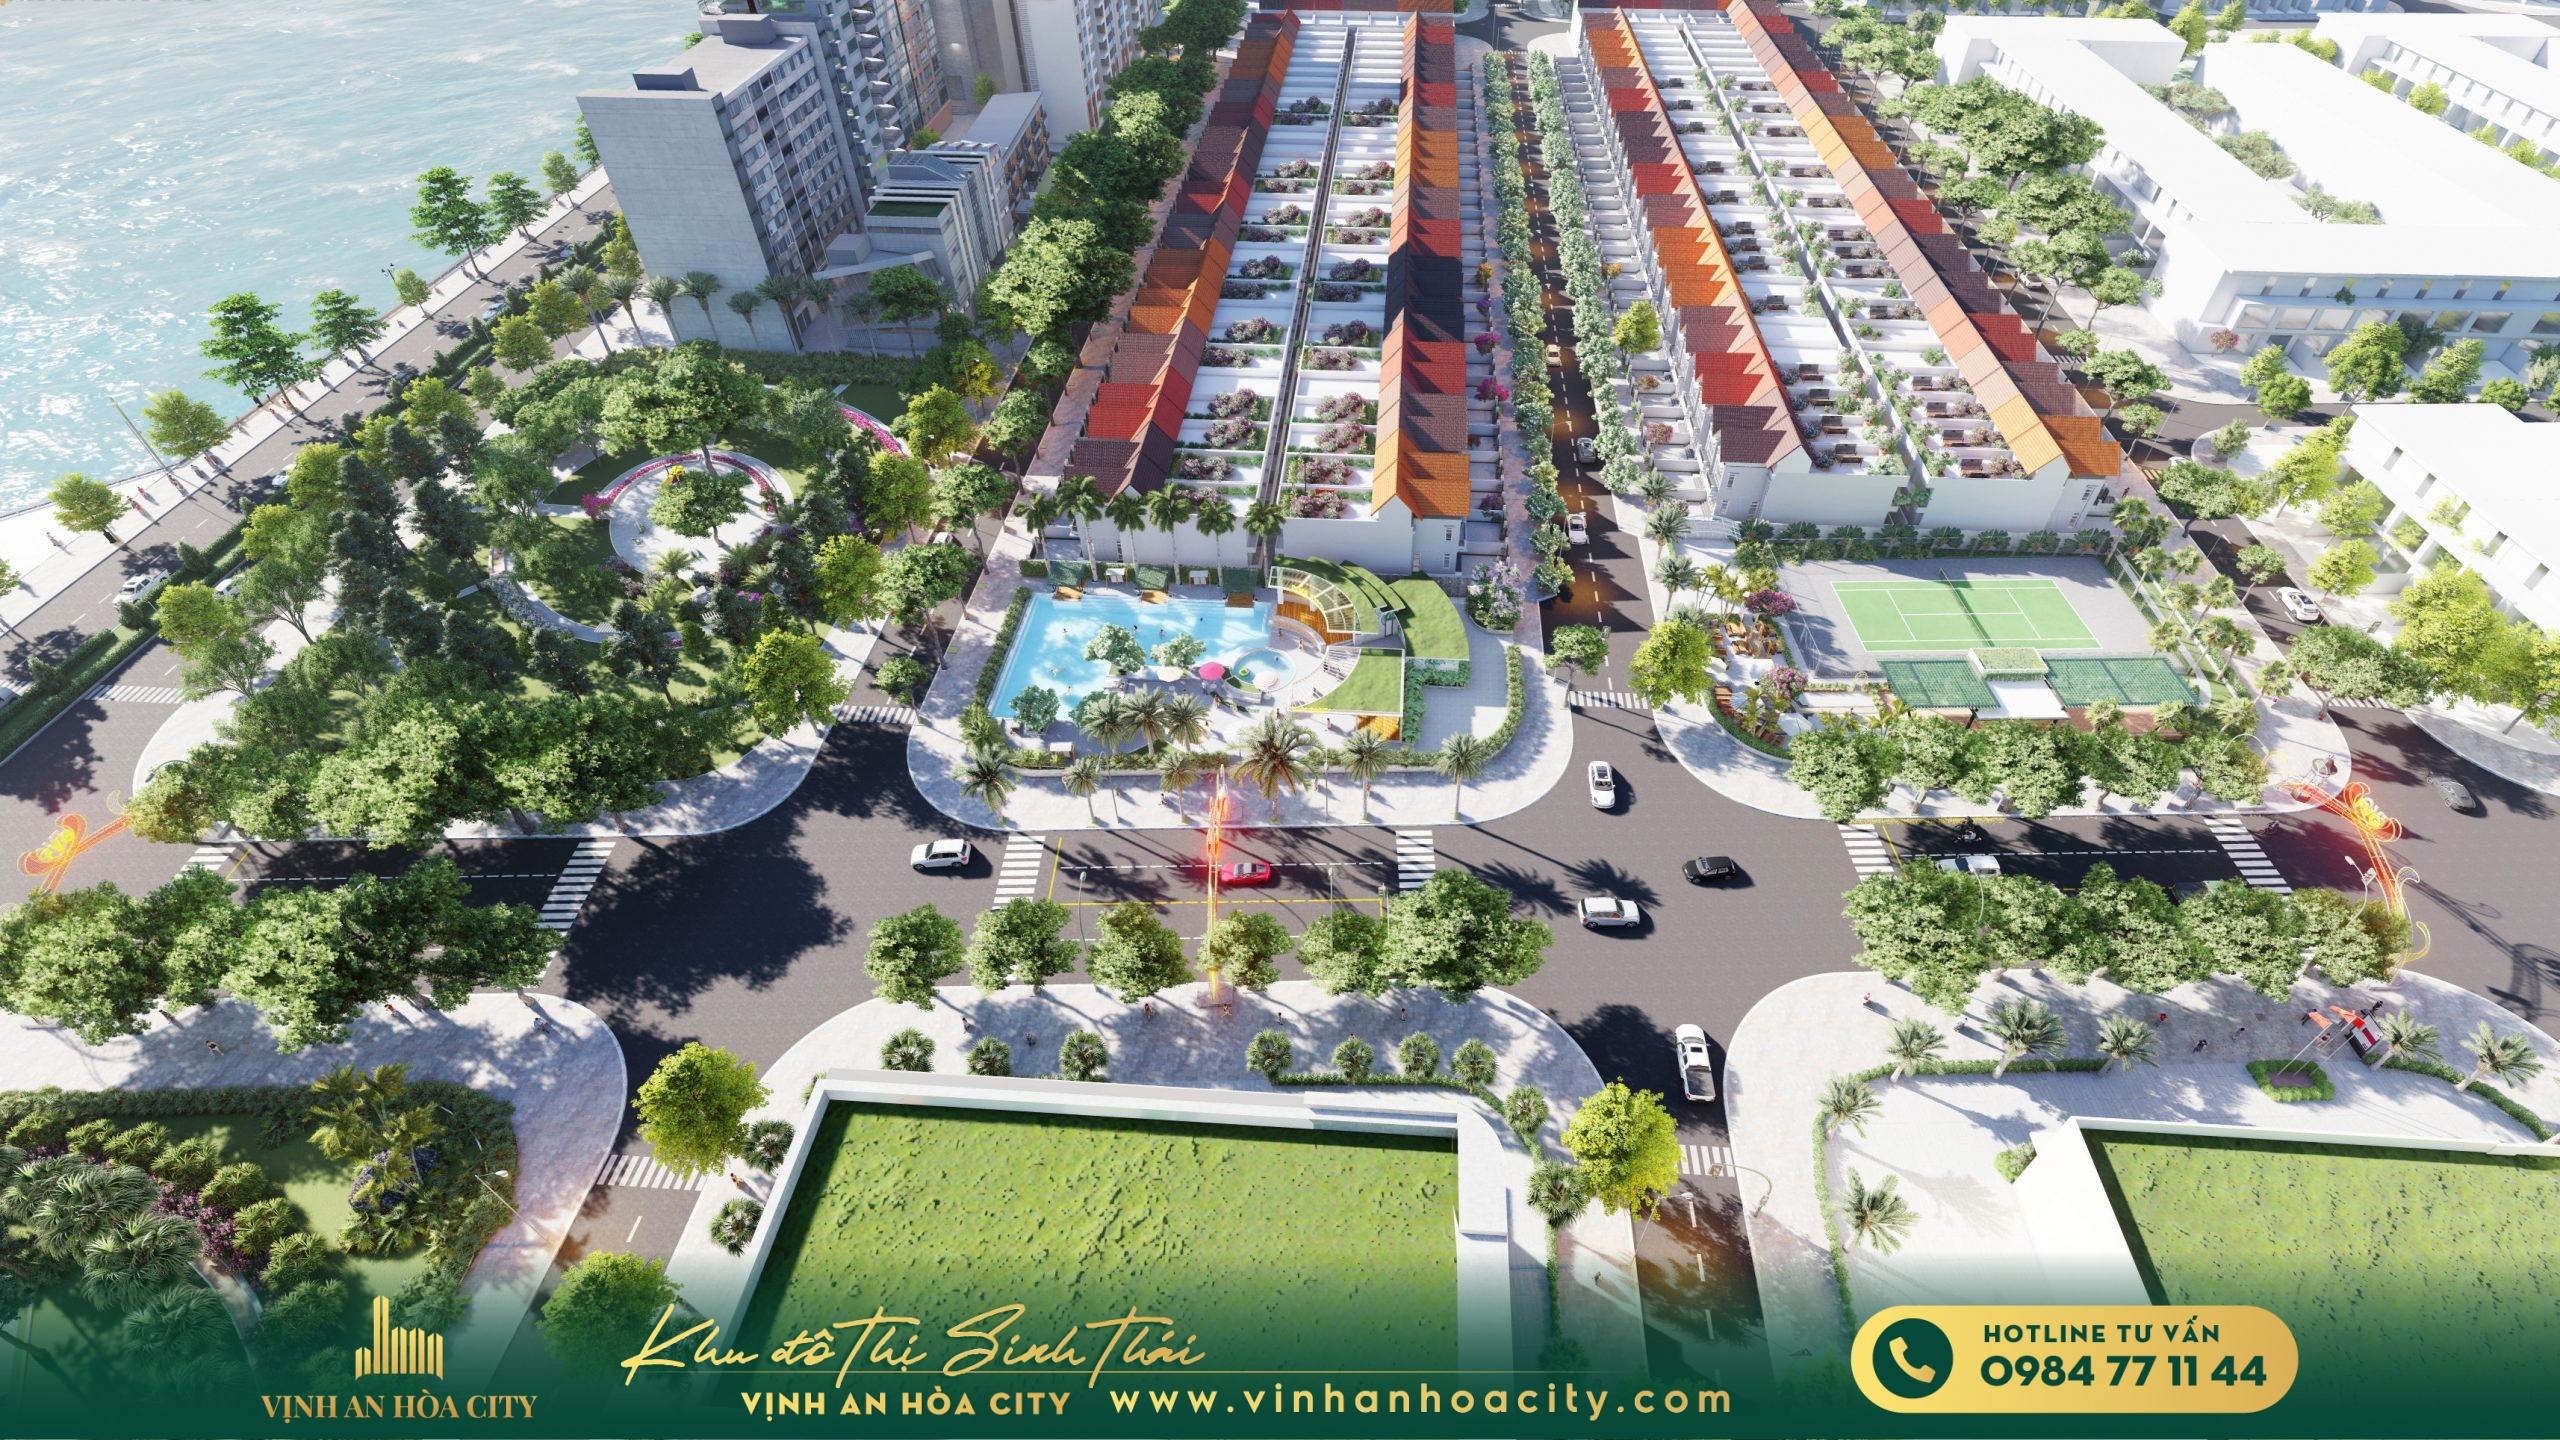 Vịnh An Hòa City